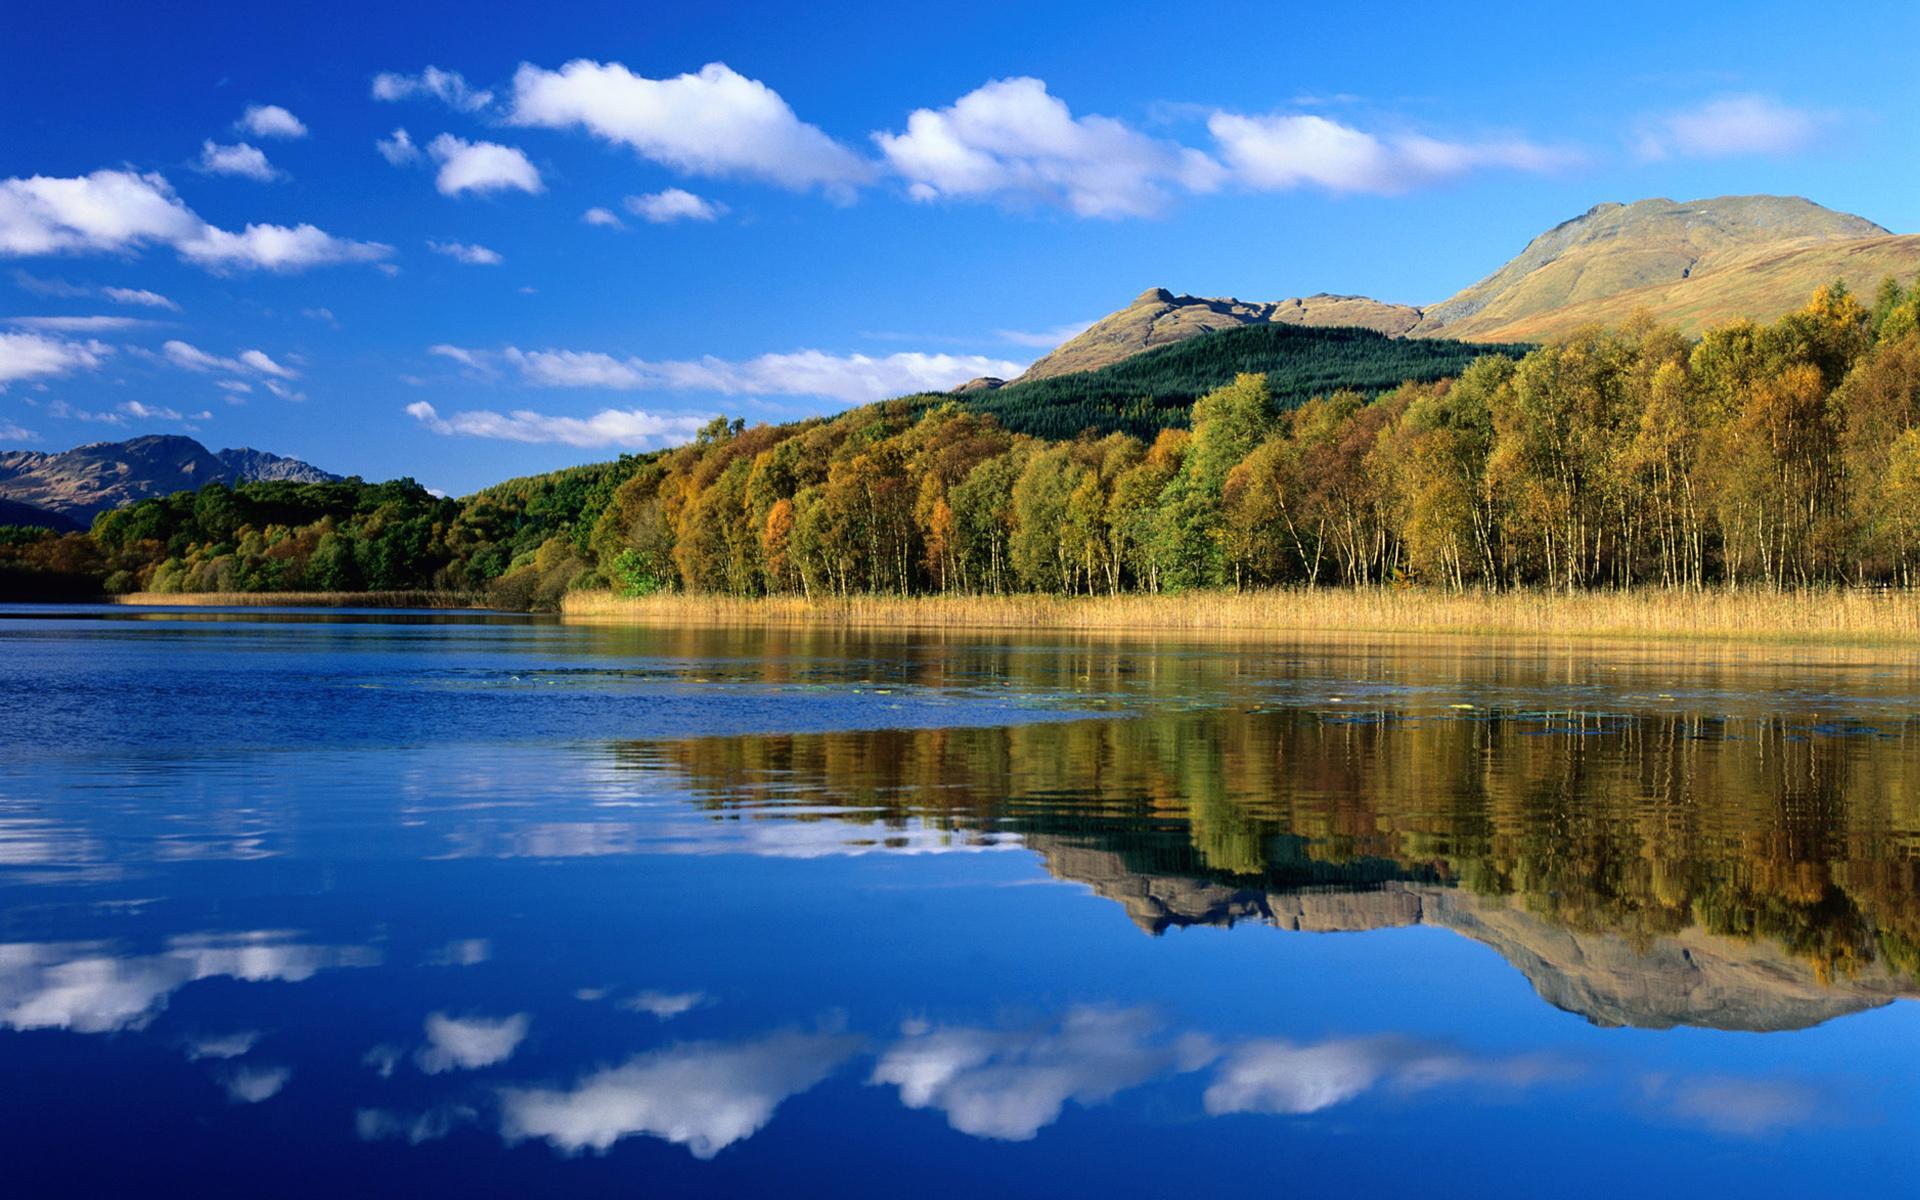 Озеро небо облака природа лето обои